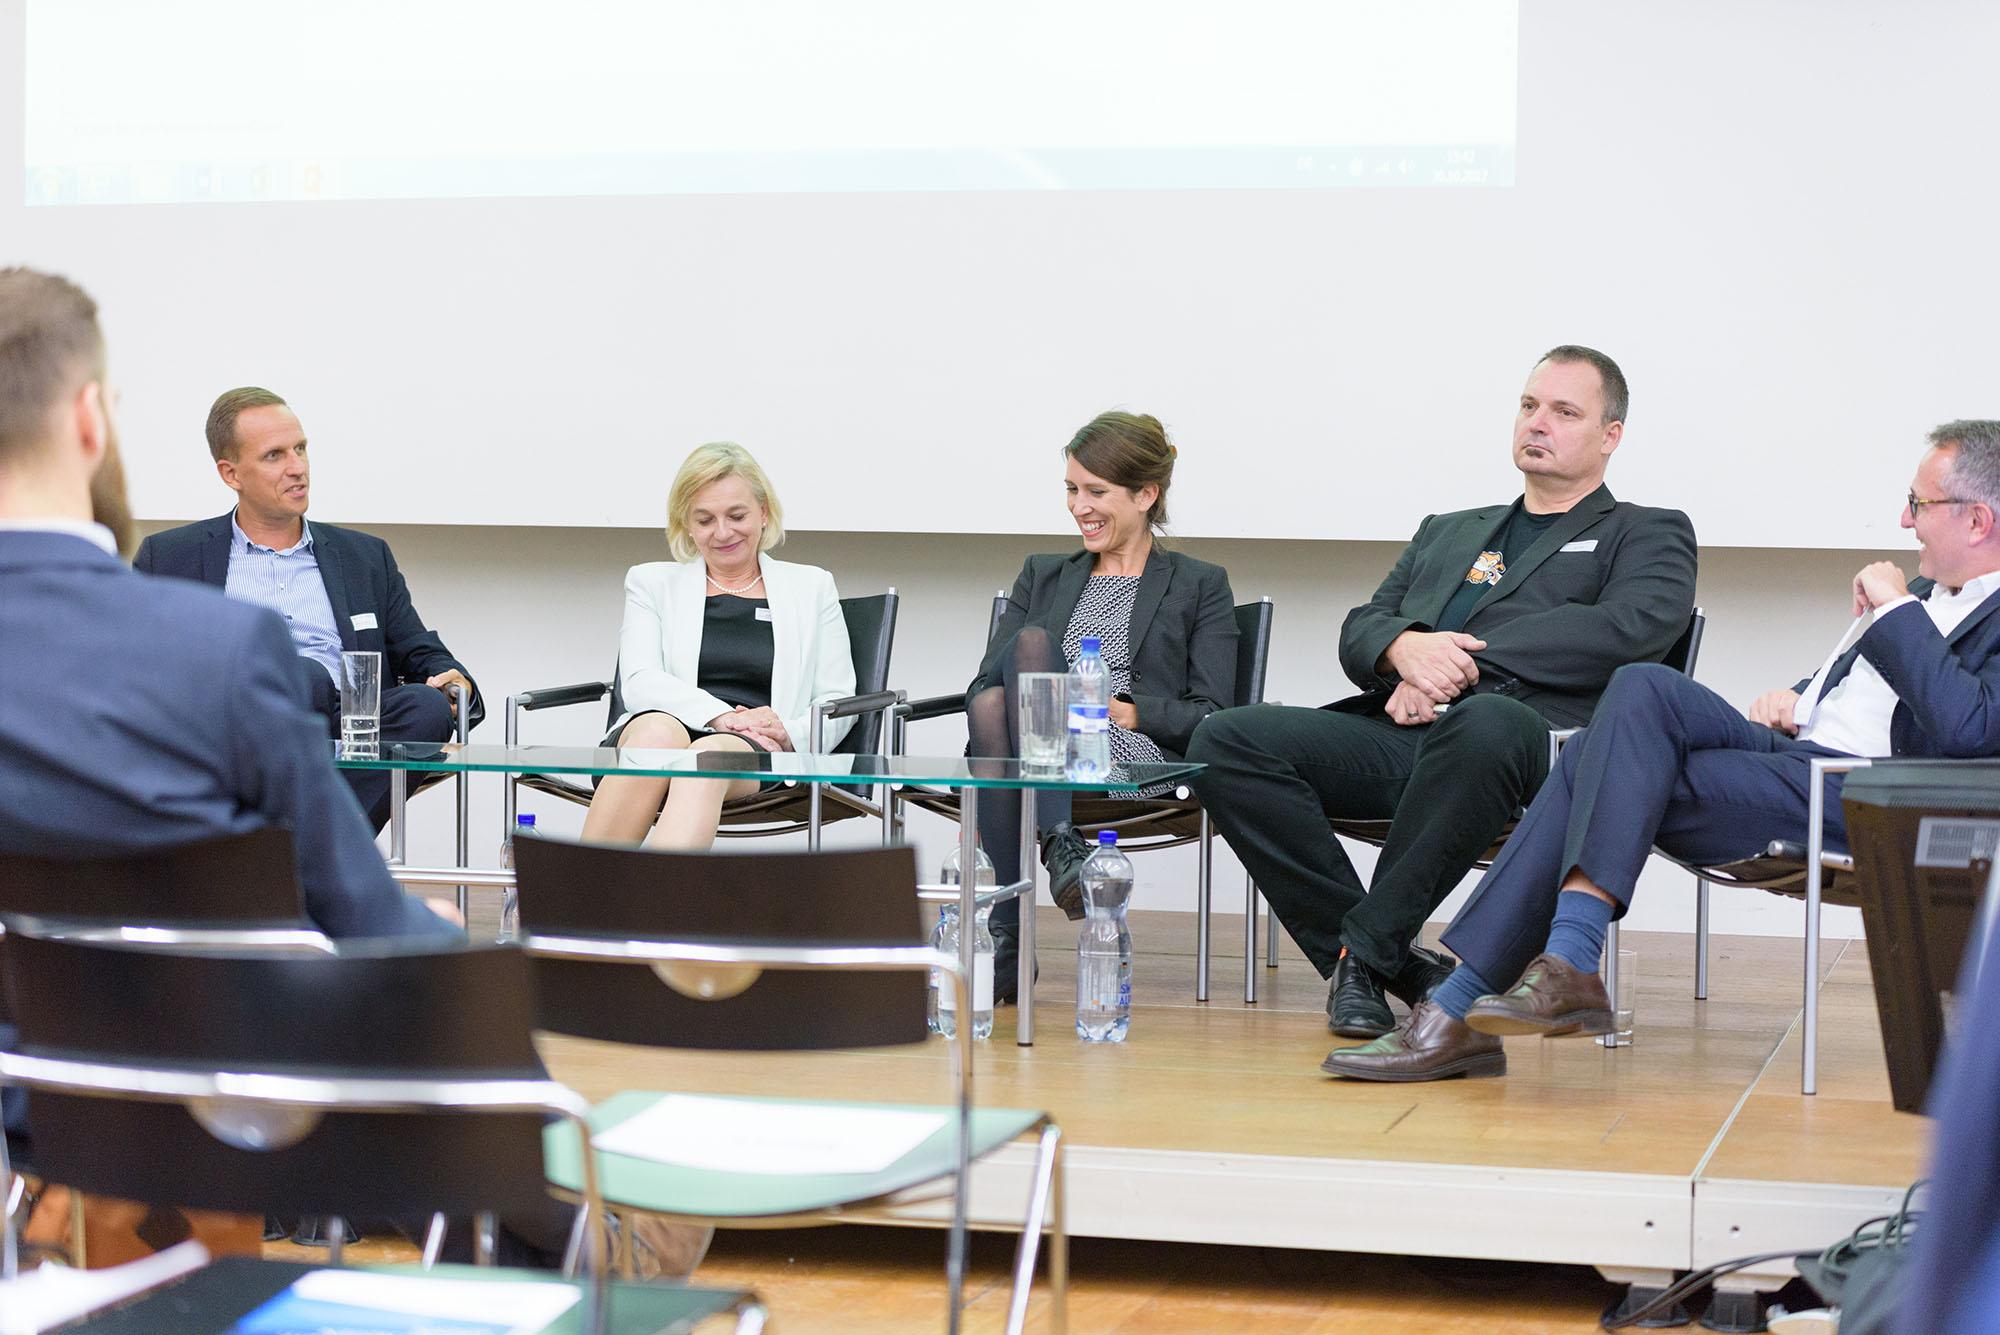 Martin Kathriner, Kathrin Amacker, Sabine Lötscher, Palo Stacho, Dirk Schäfer